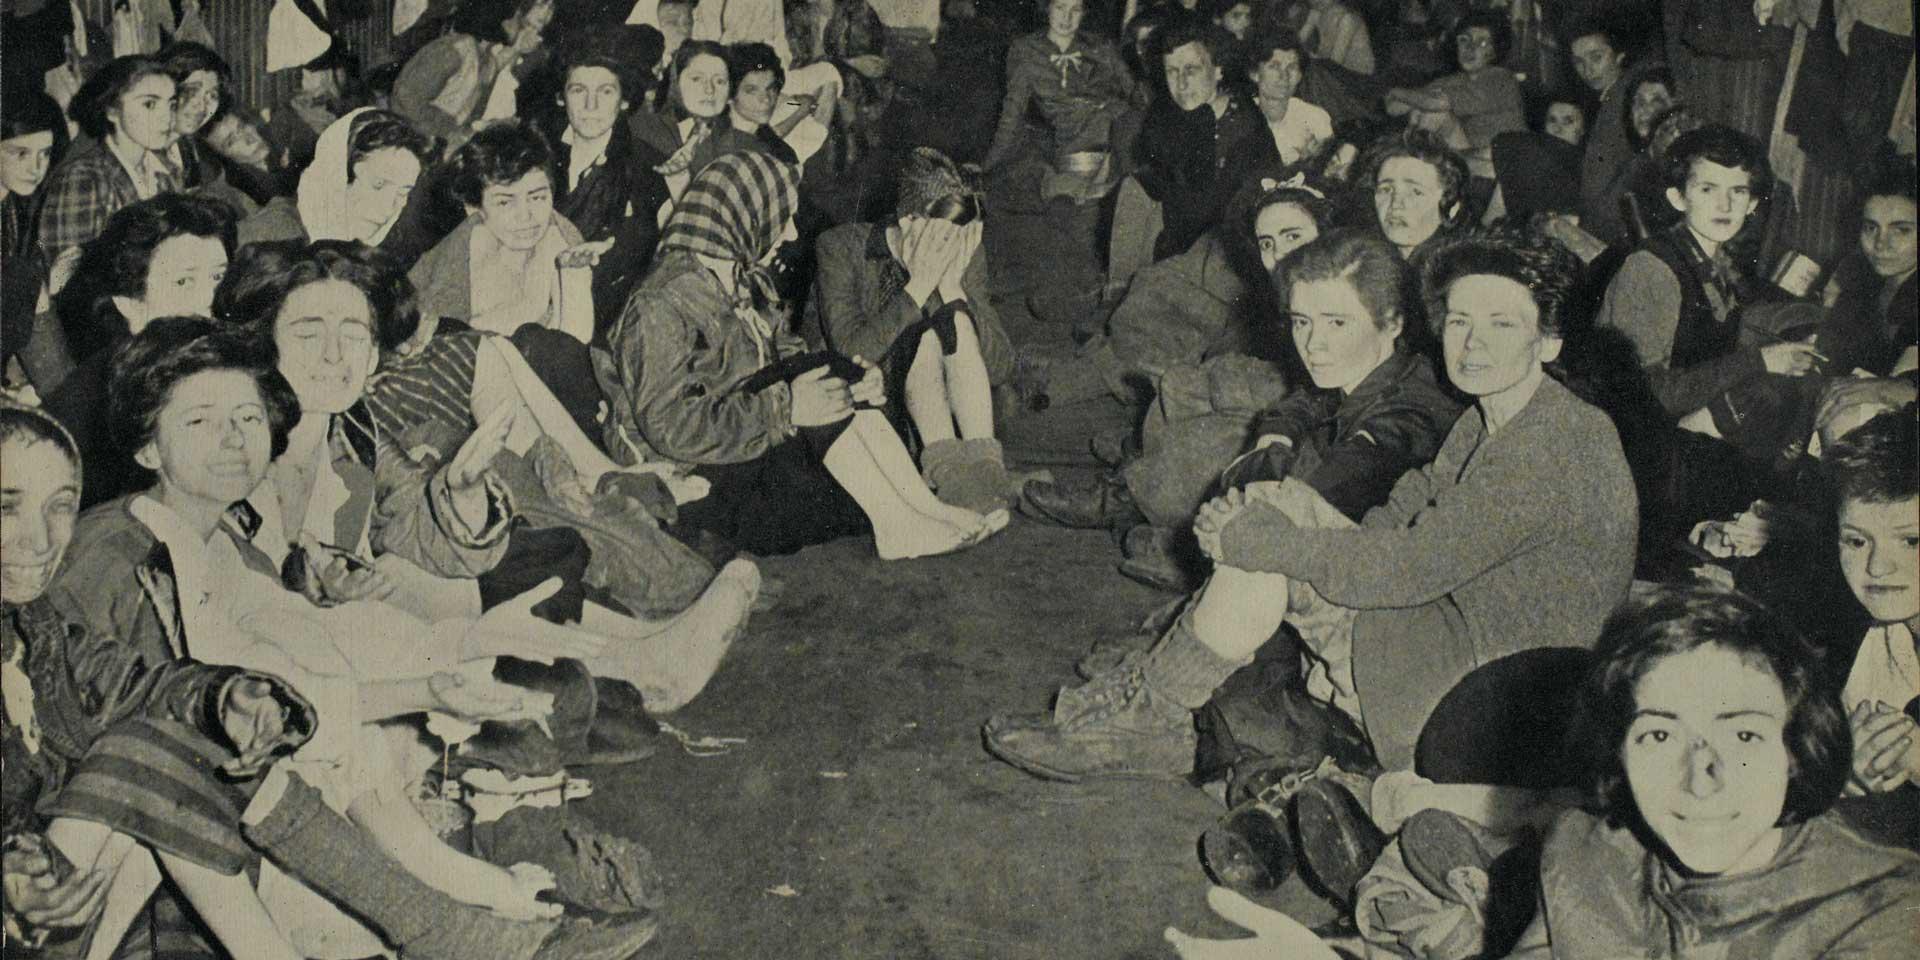 Female prisoners after their liberation, Belsen, April 1945